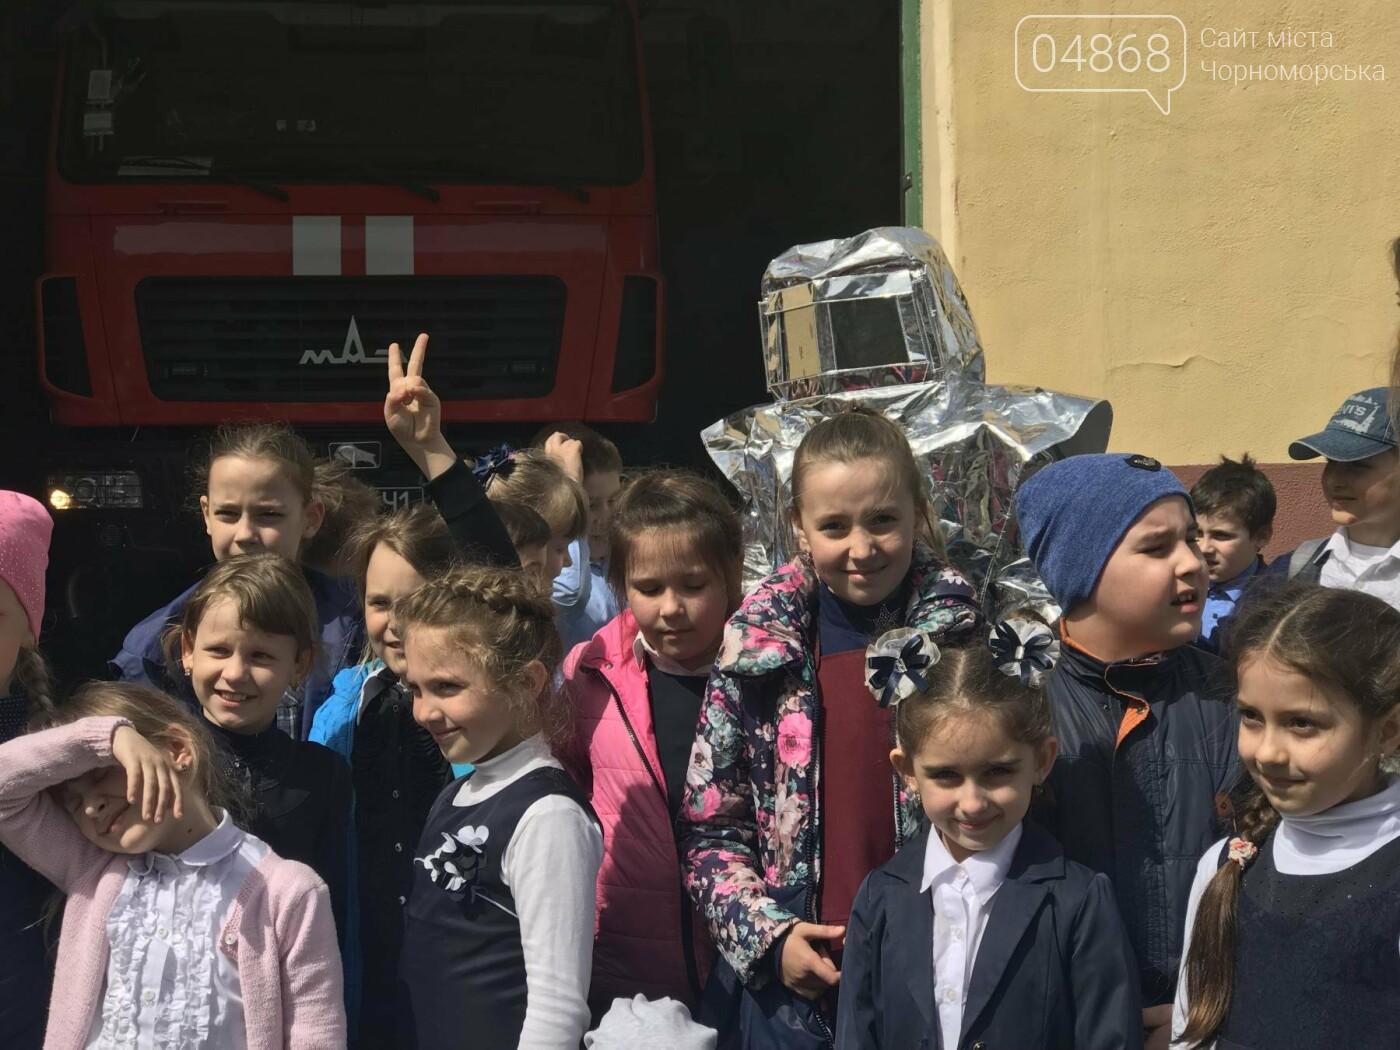 """Черноморские спасатели провели общественную акцию """"Предотвратить. Спасти. Помочь"""" (фото), фото-2"""